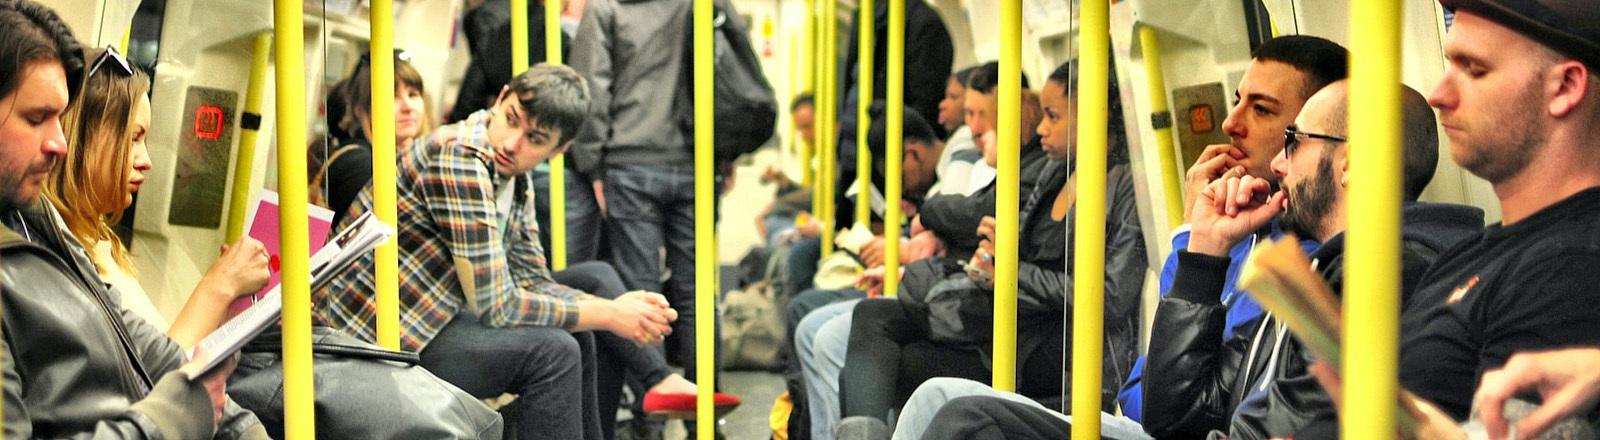 Menschen sitzen dicht an dicht in einer Bahn.